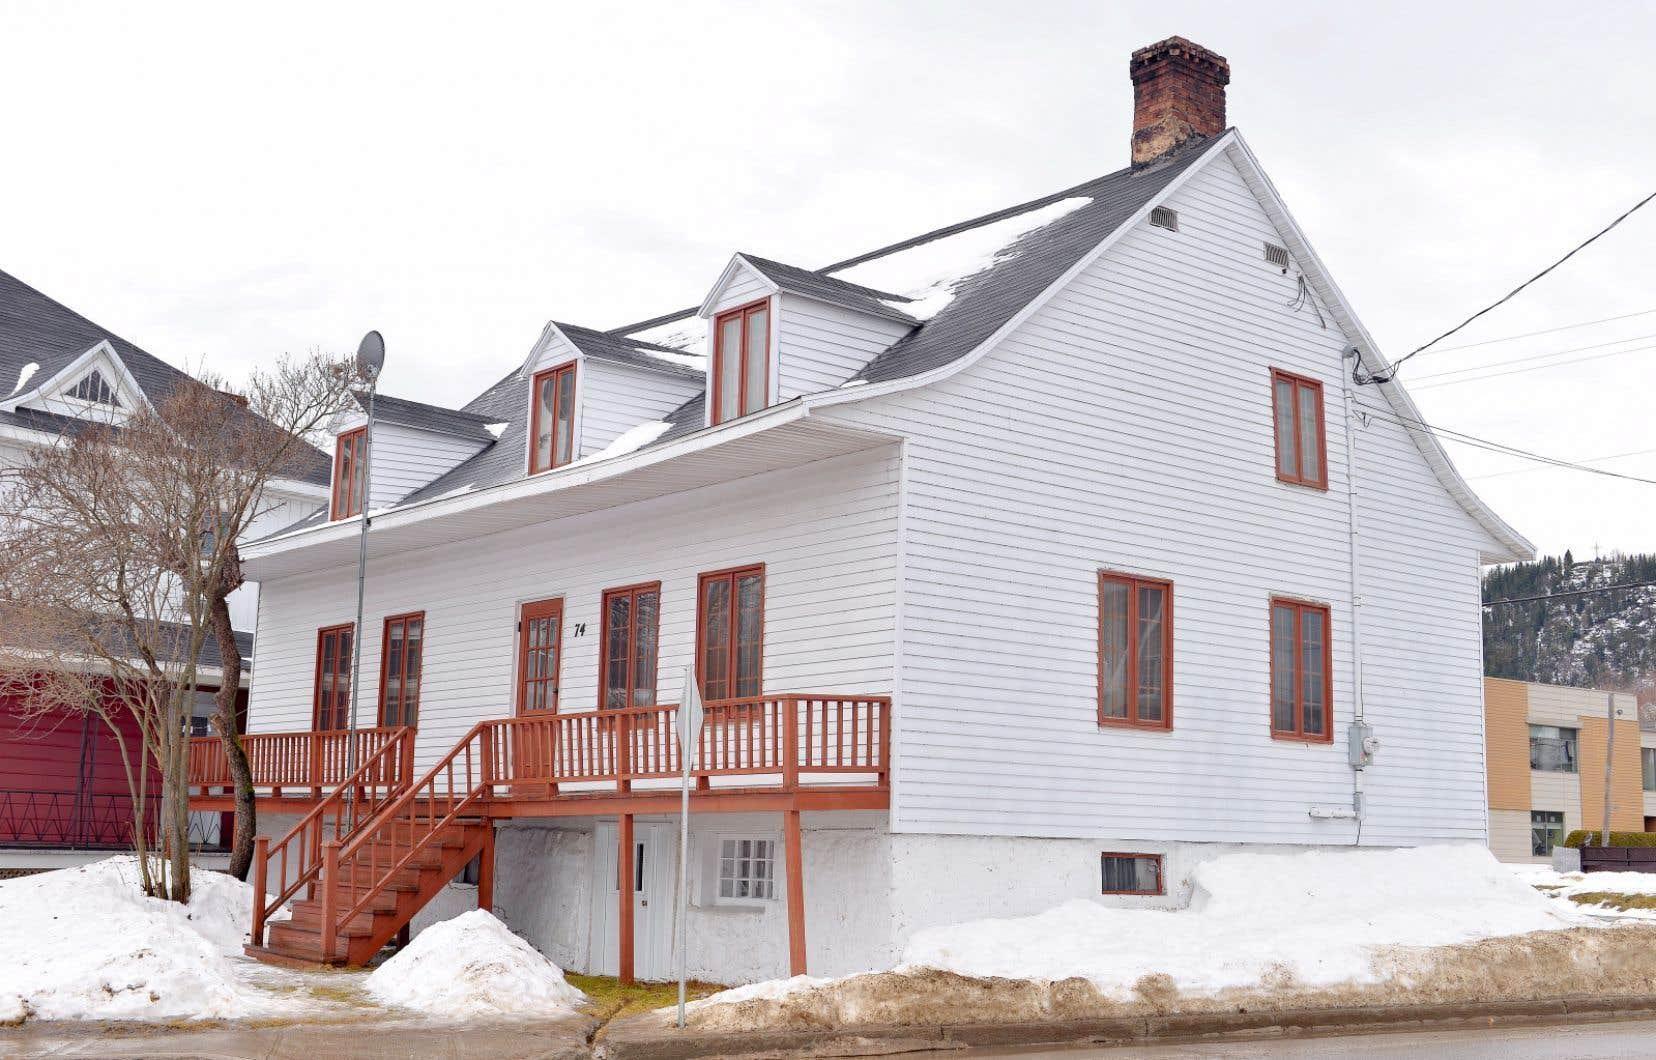 Dans cette maison construite vers 1830 et habitée par Alexis Tremblay, dit Picoté, lequel va diriger la Société des vingt-et-un, a aussi vécu Alexis le Trotteur, figure légendaire québécoise.